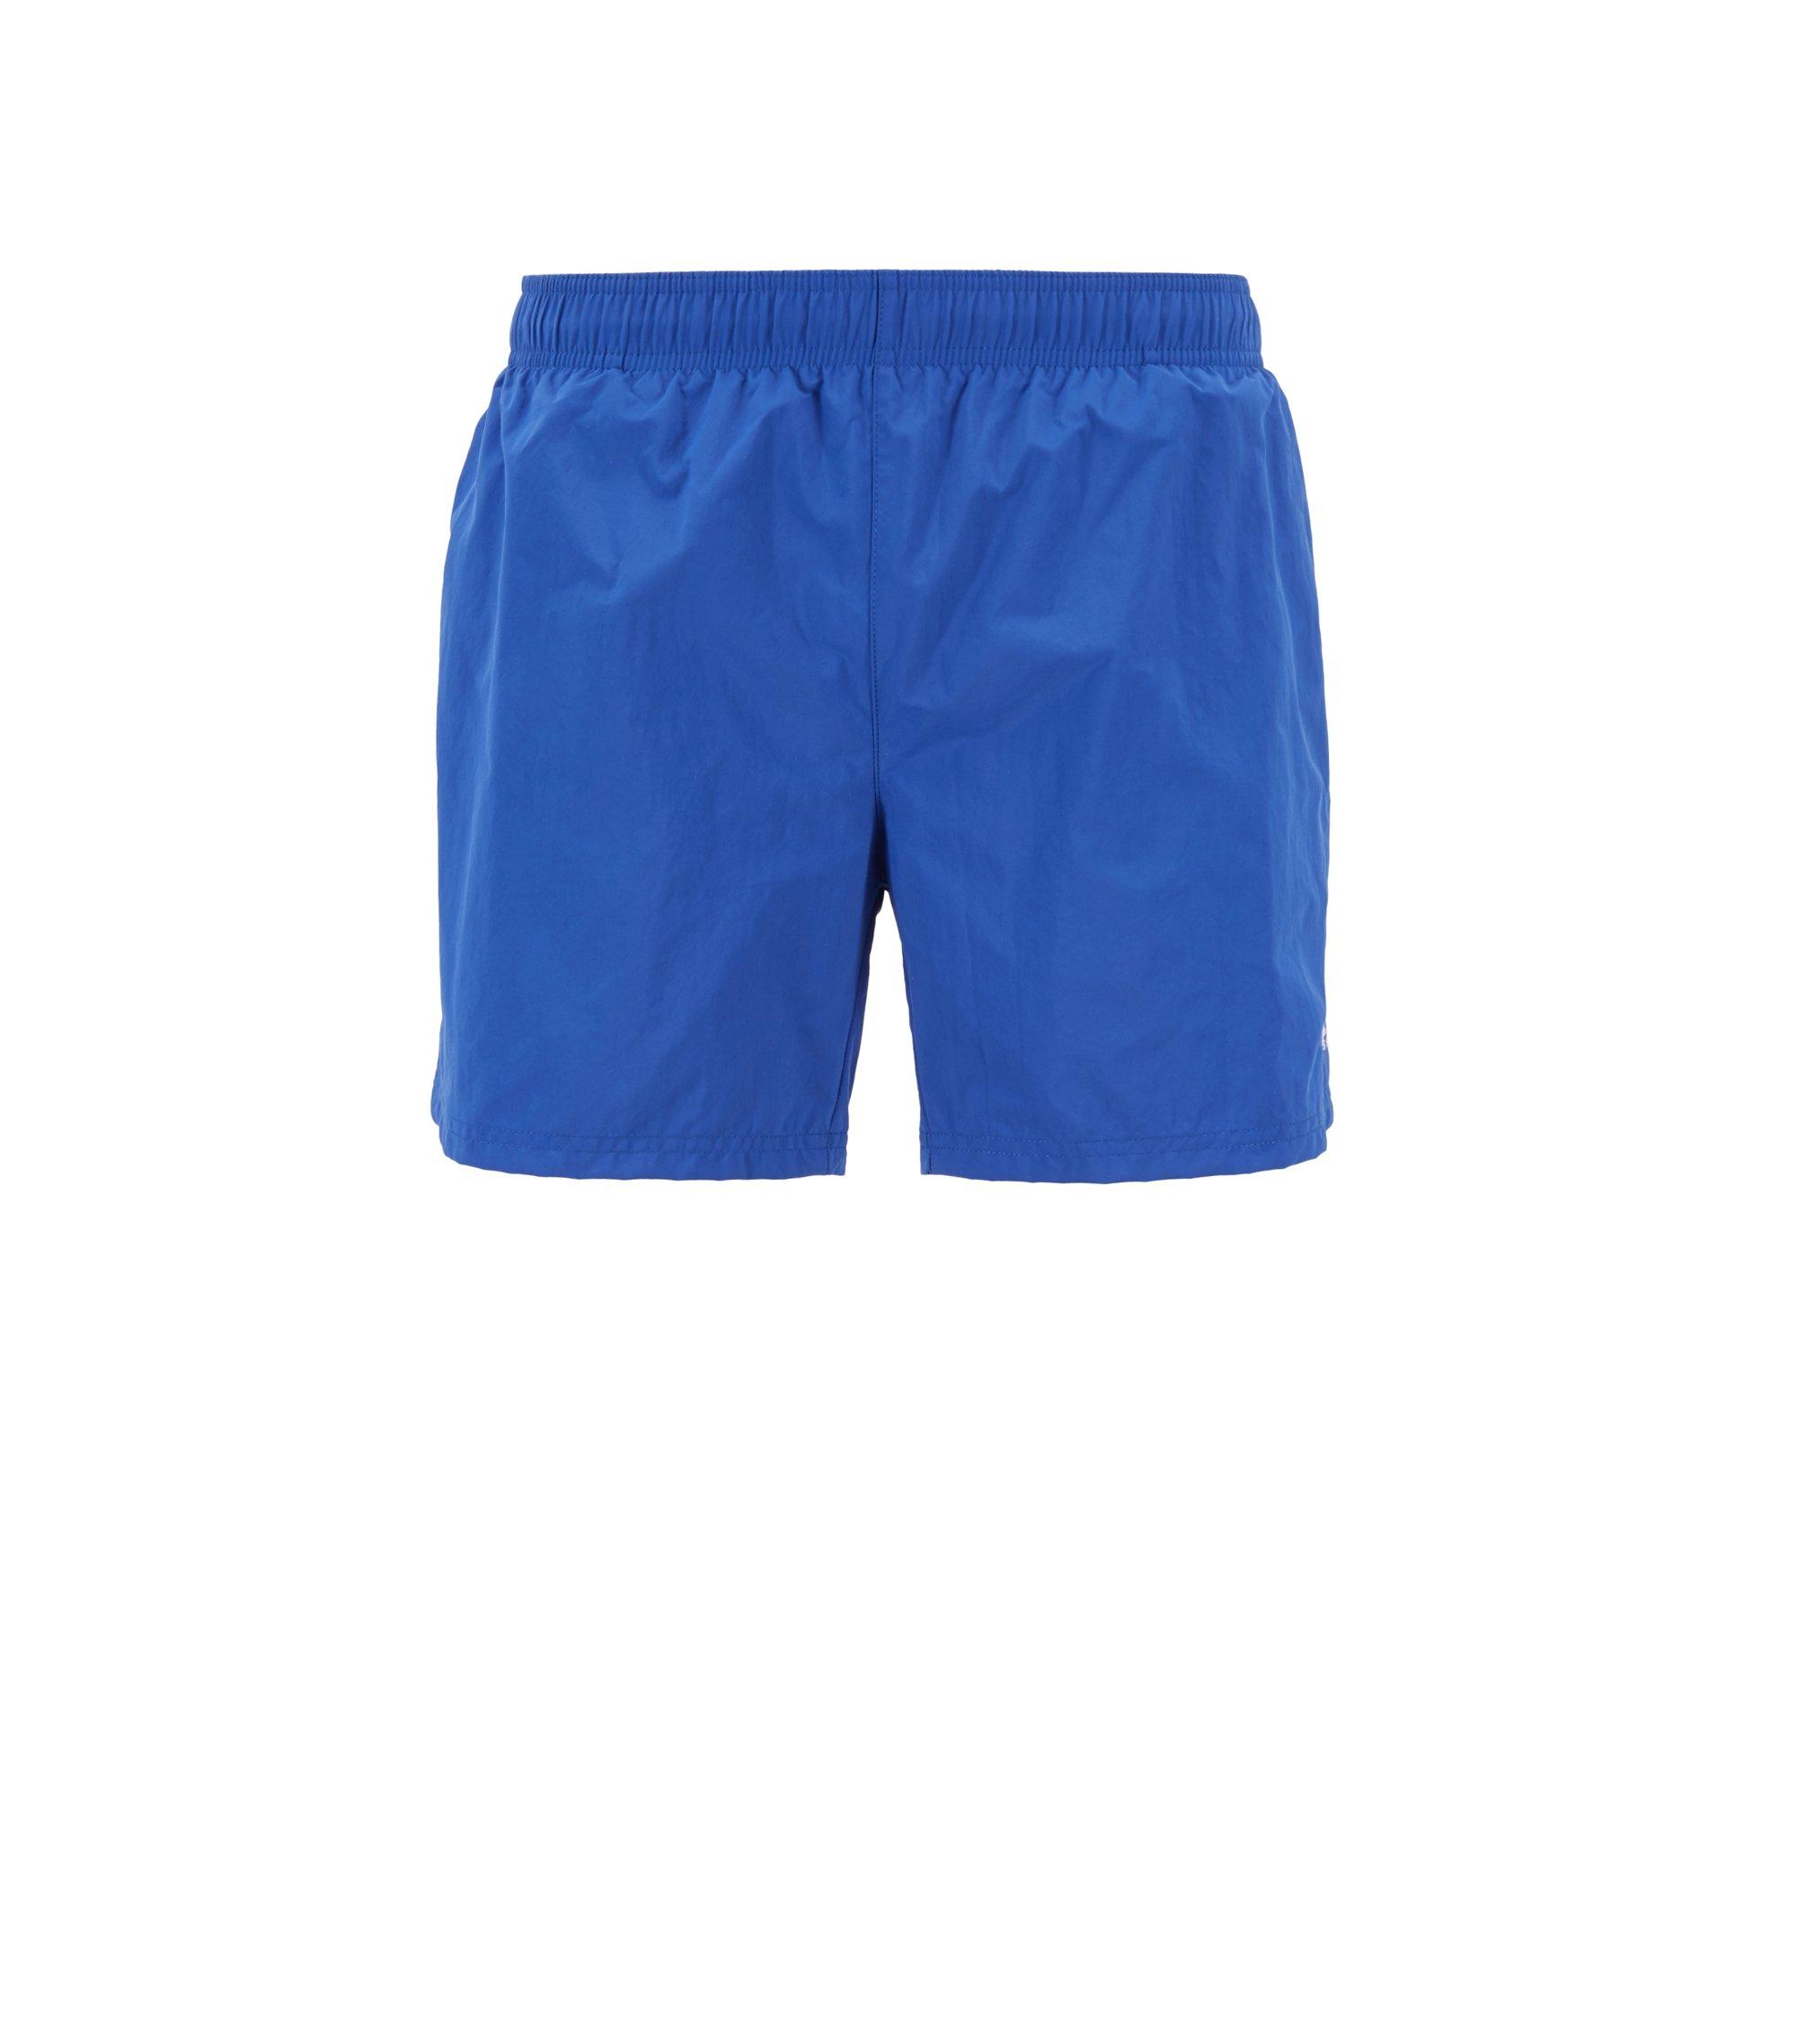 Zwemshort van sneldrogend, technisch materiaal, Blauw